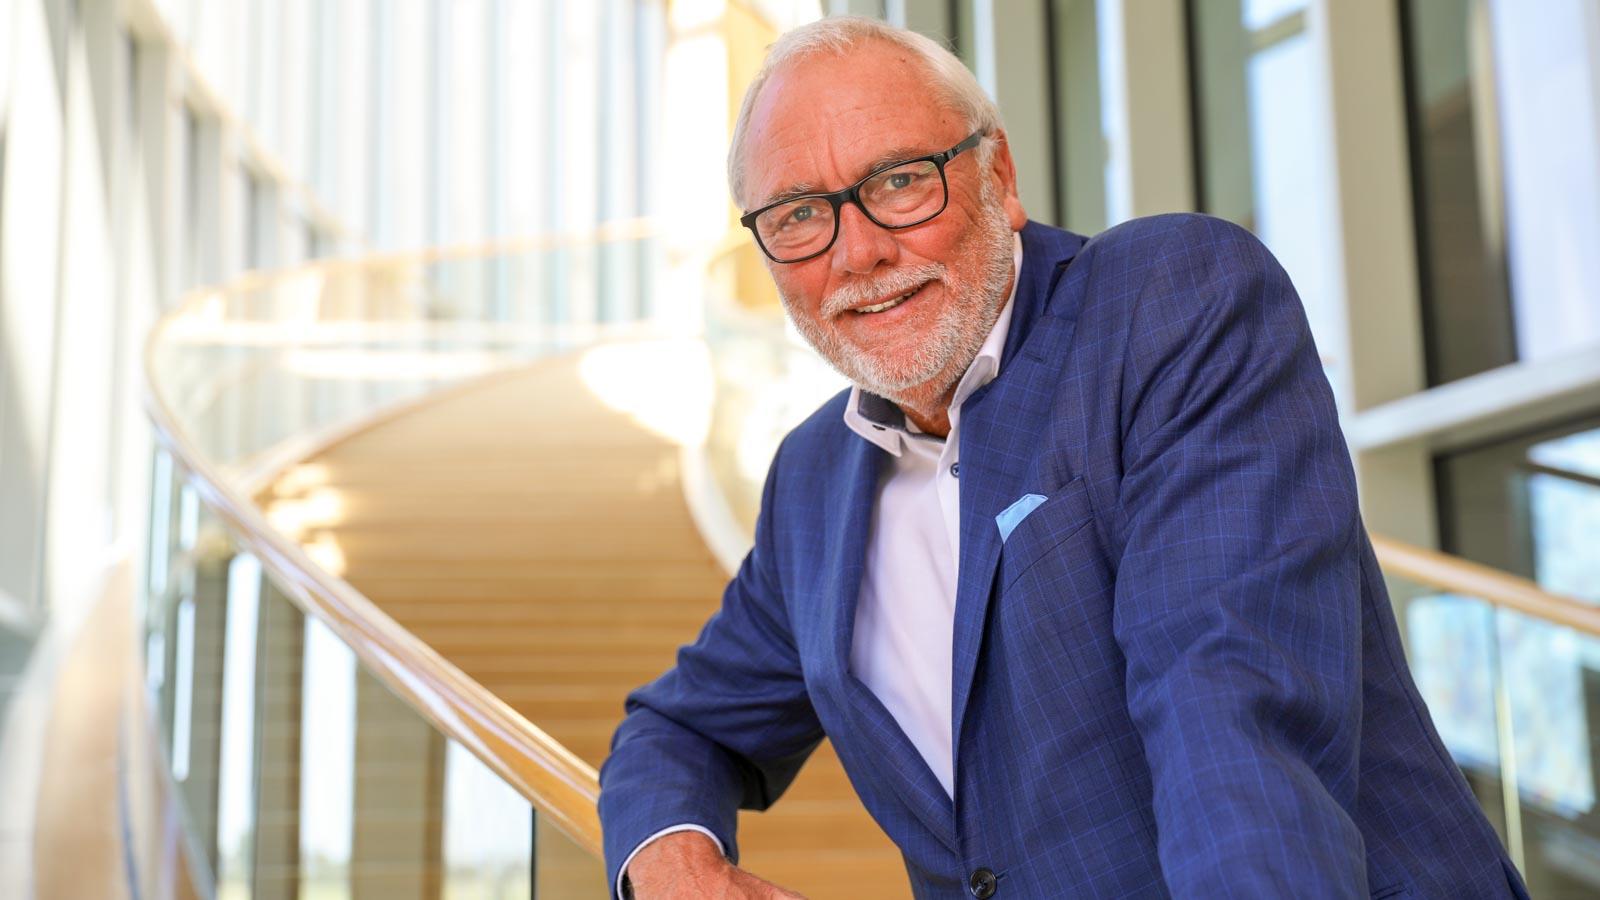 Der neue Vorsitzende des Verband Wohneigentum NRW e.V., Peter Preuß